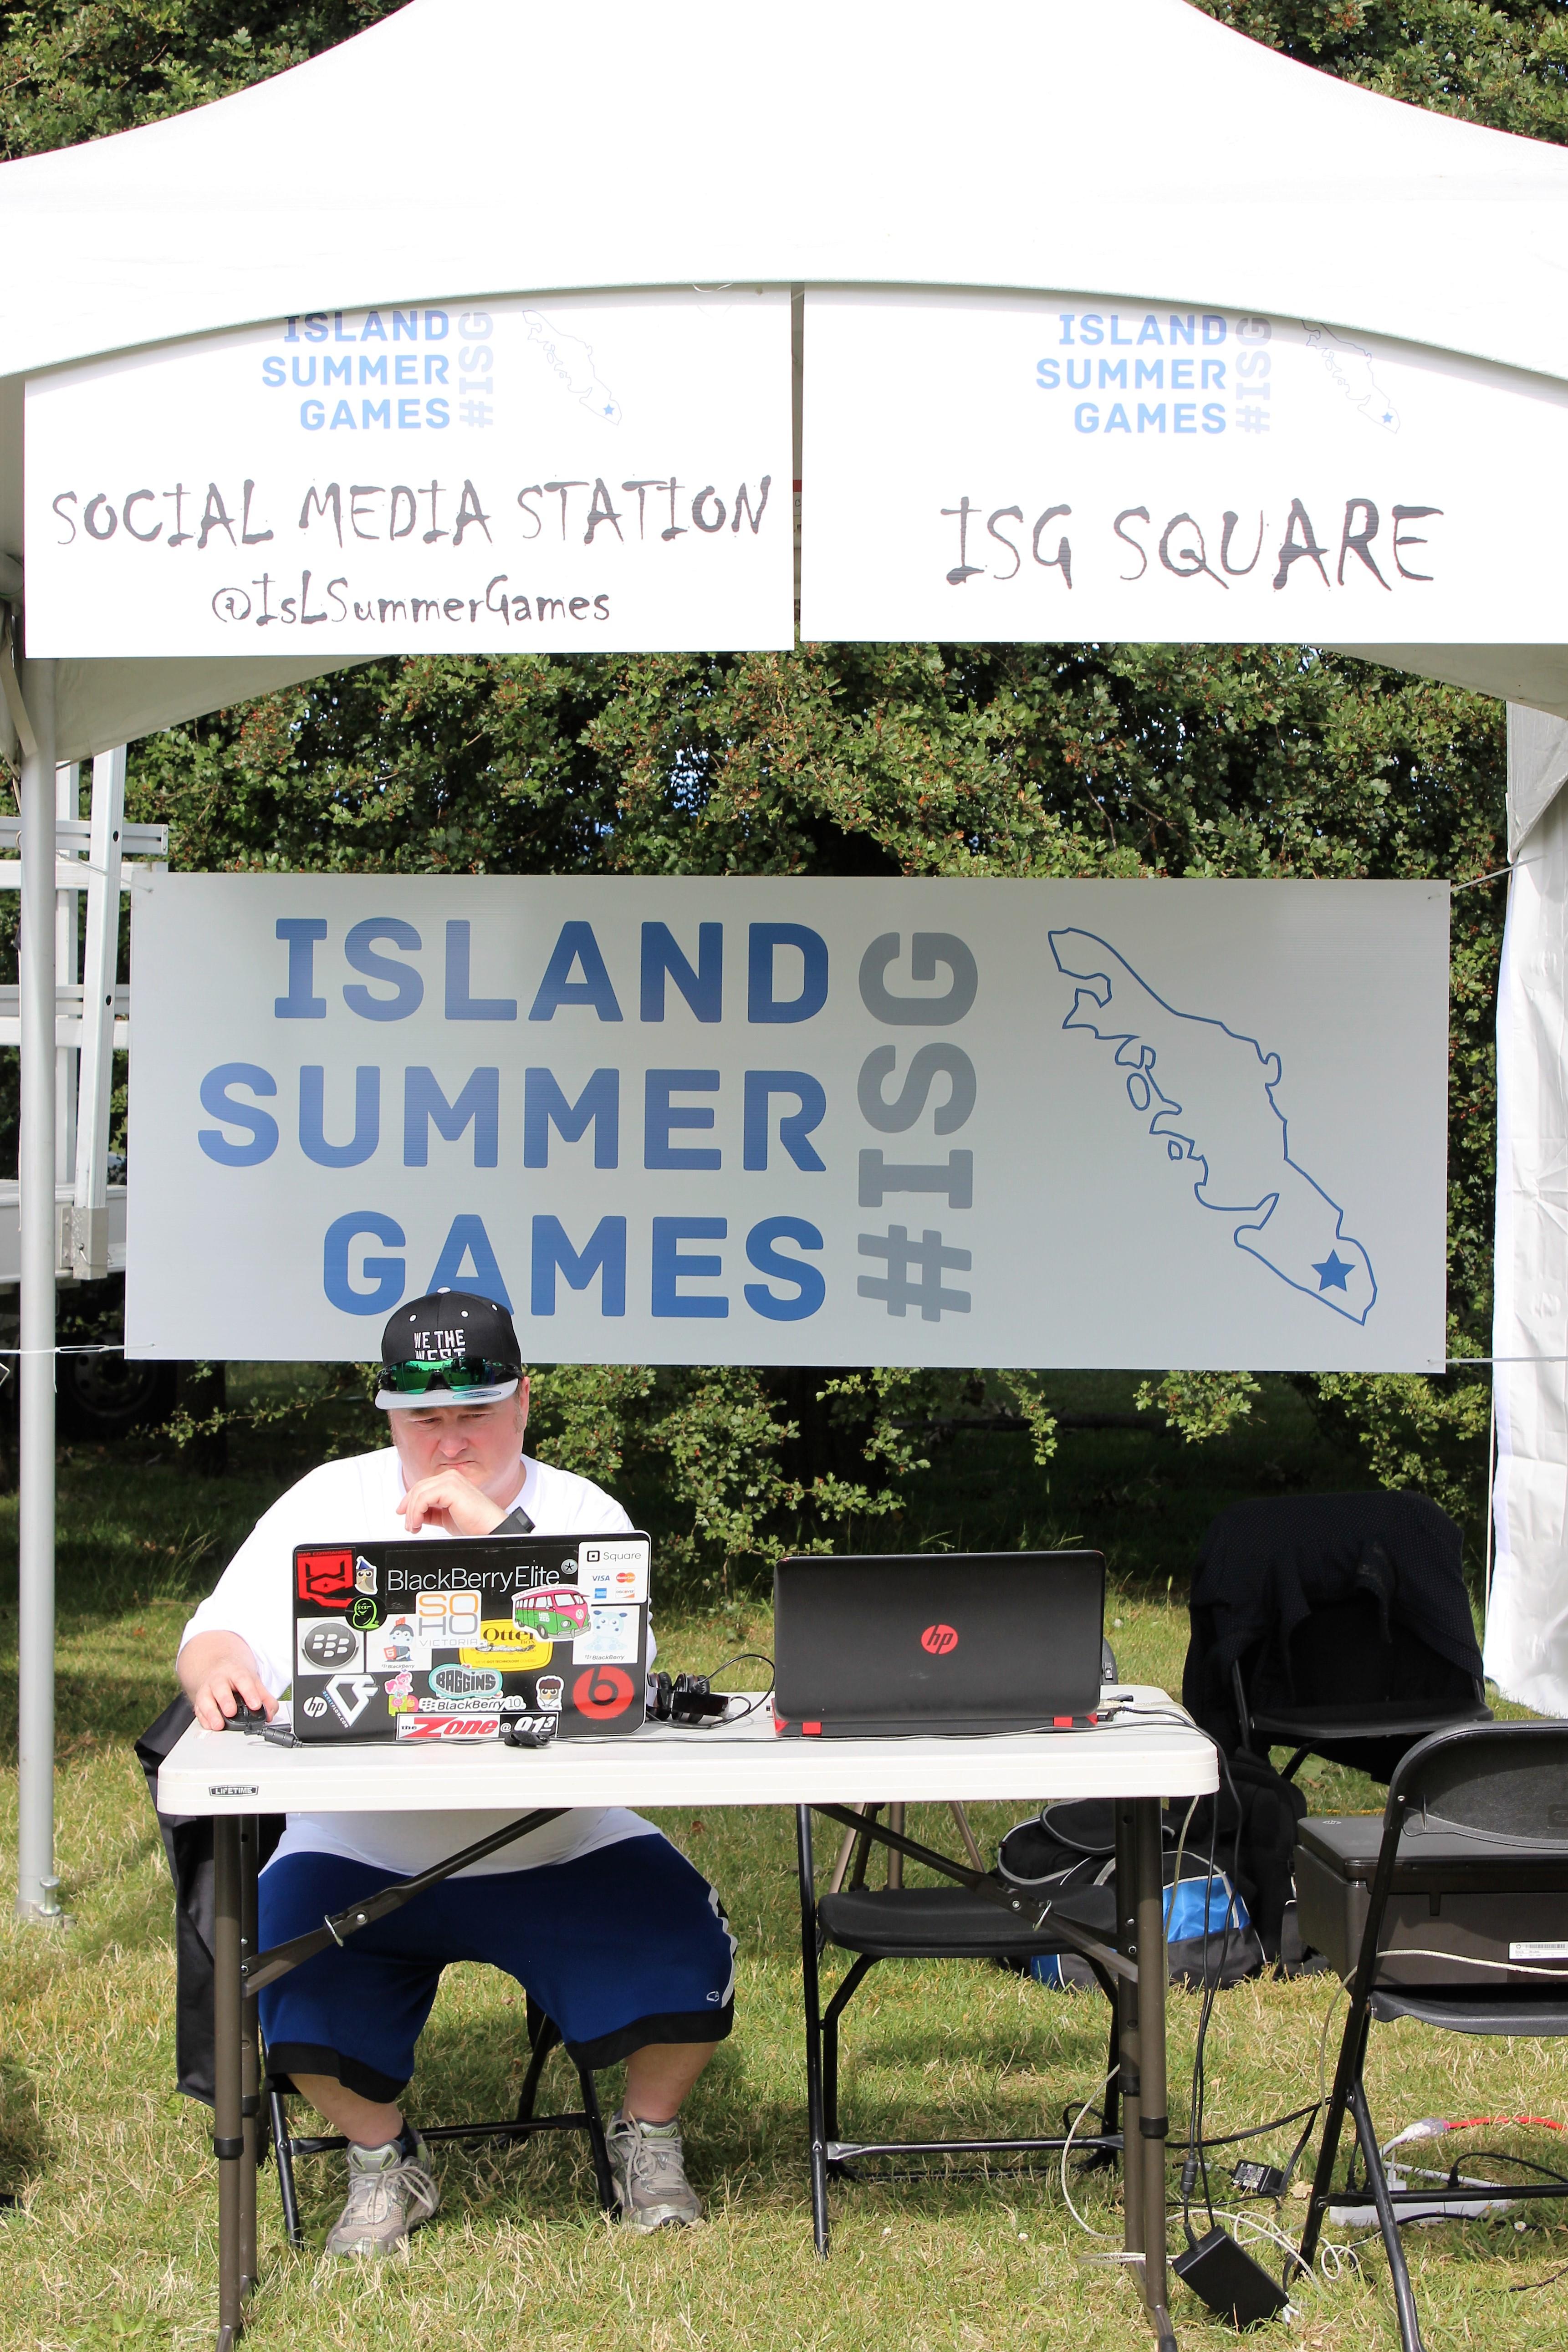 ISG 2016 Social Media Station